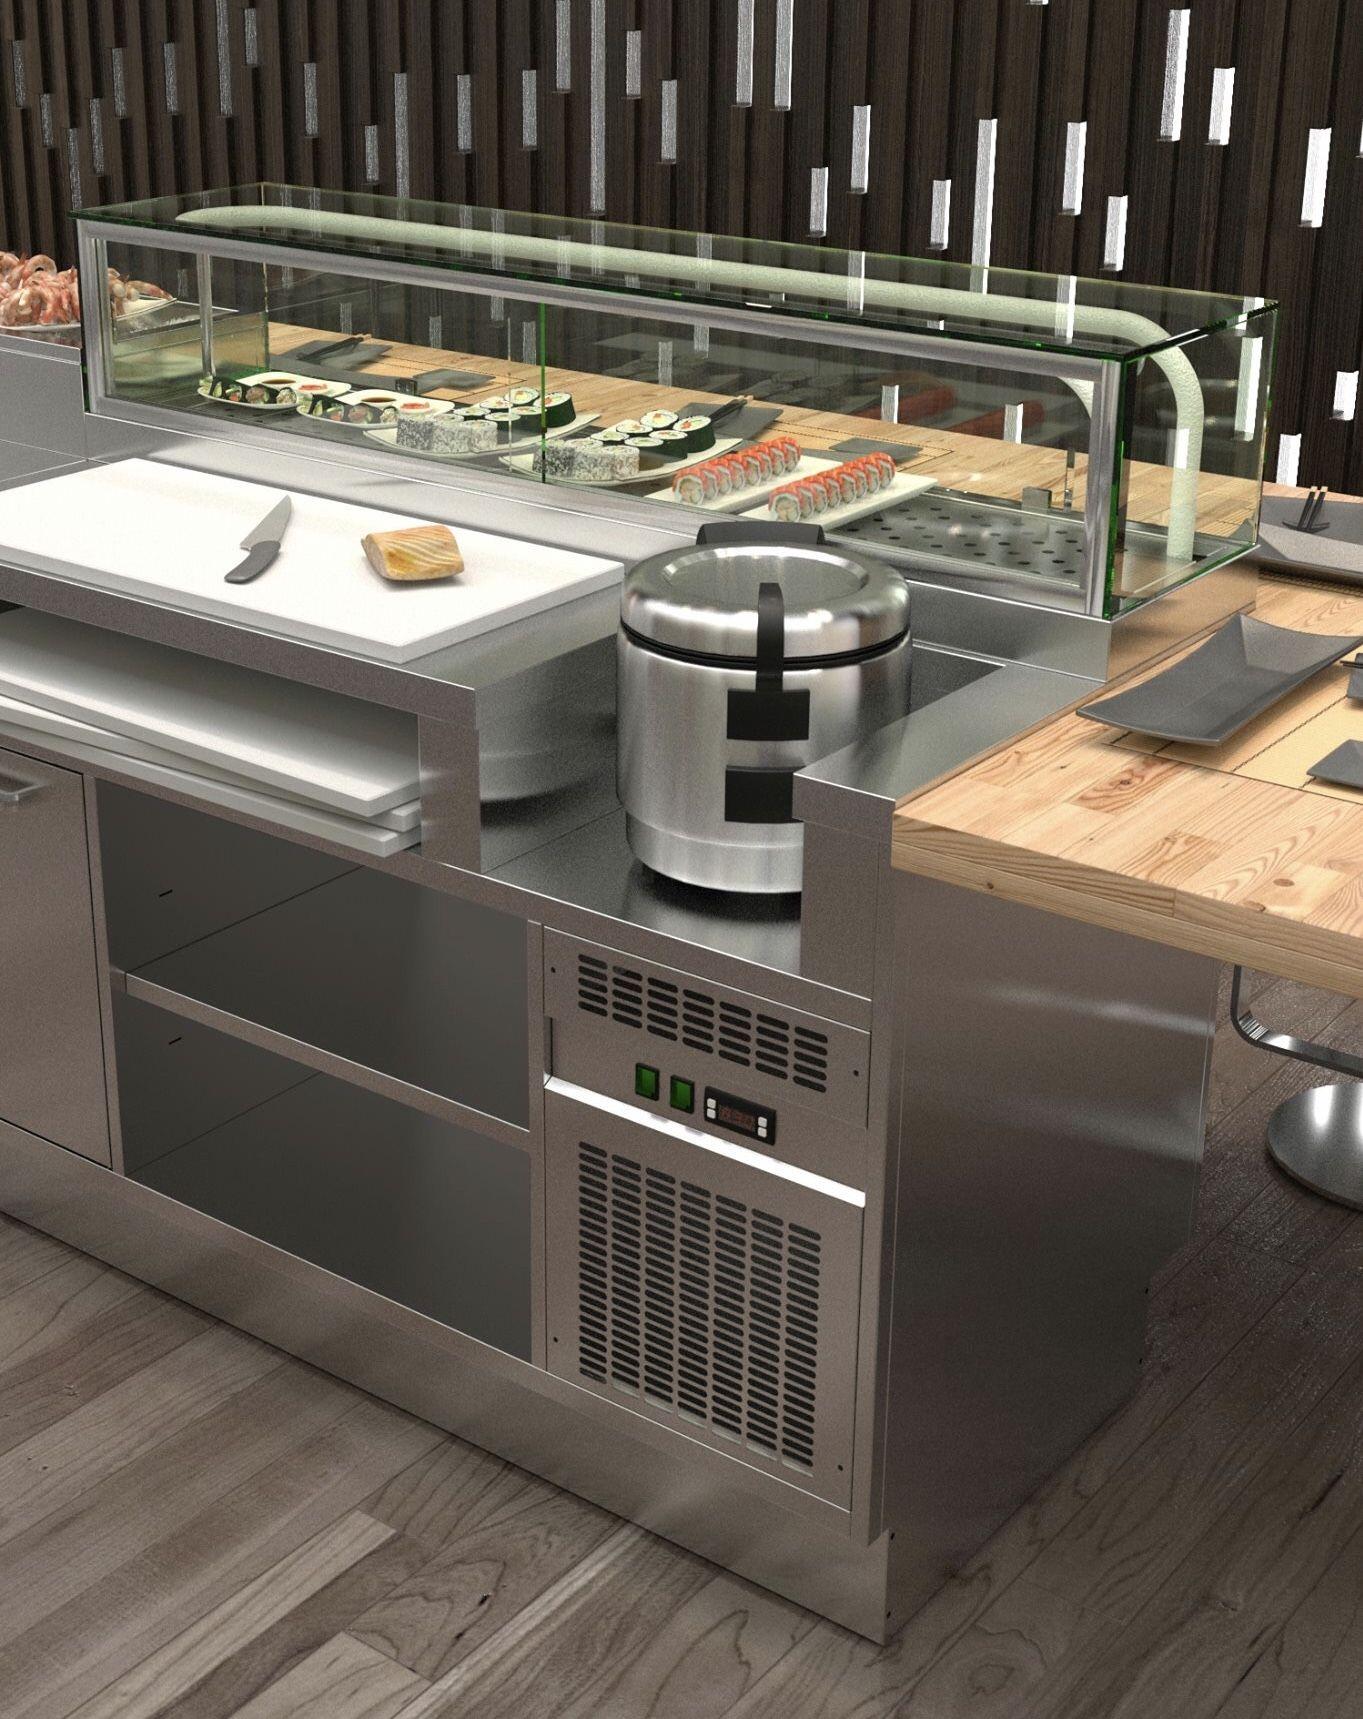 Refrigerated Sushi Station Work Bench Restaurant Kitchen Design Kitchen Counter Design Commercial Kitchen Design